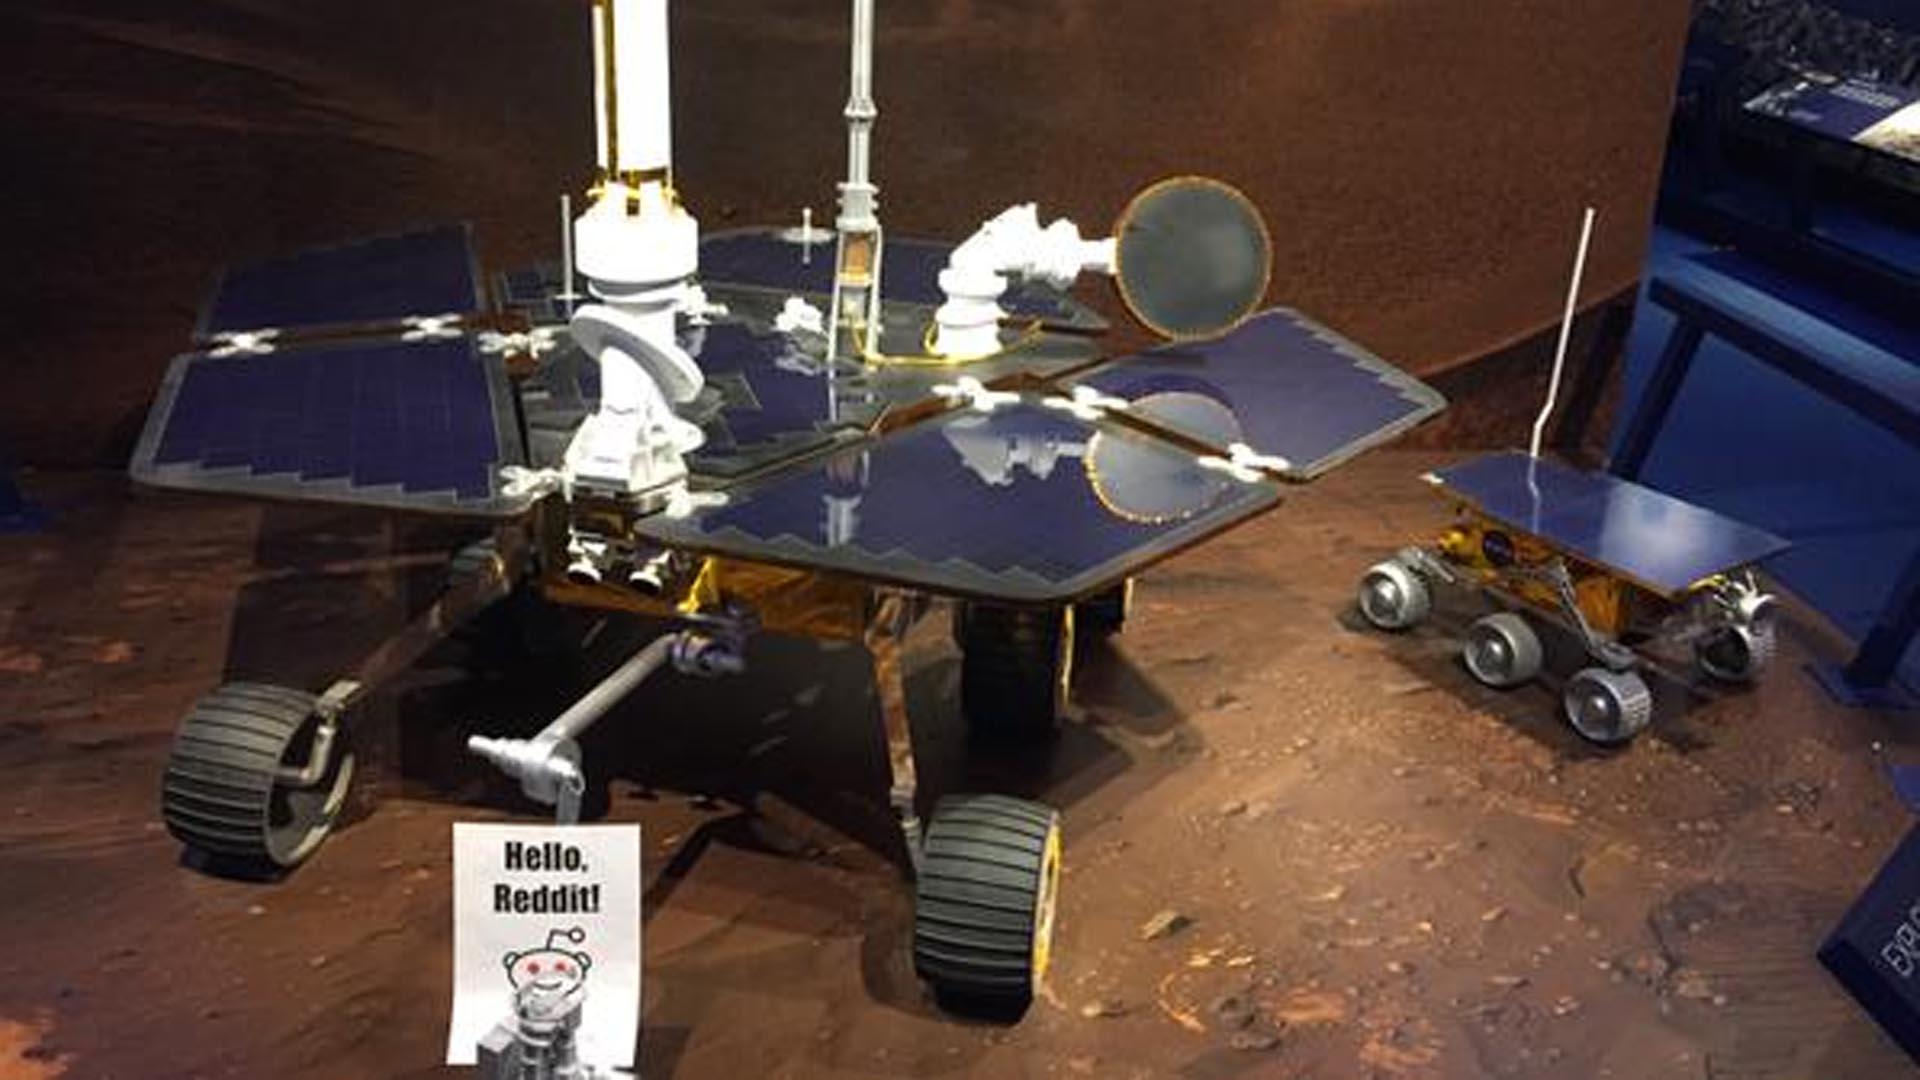 NASA's Real Martians